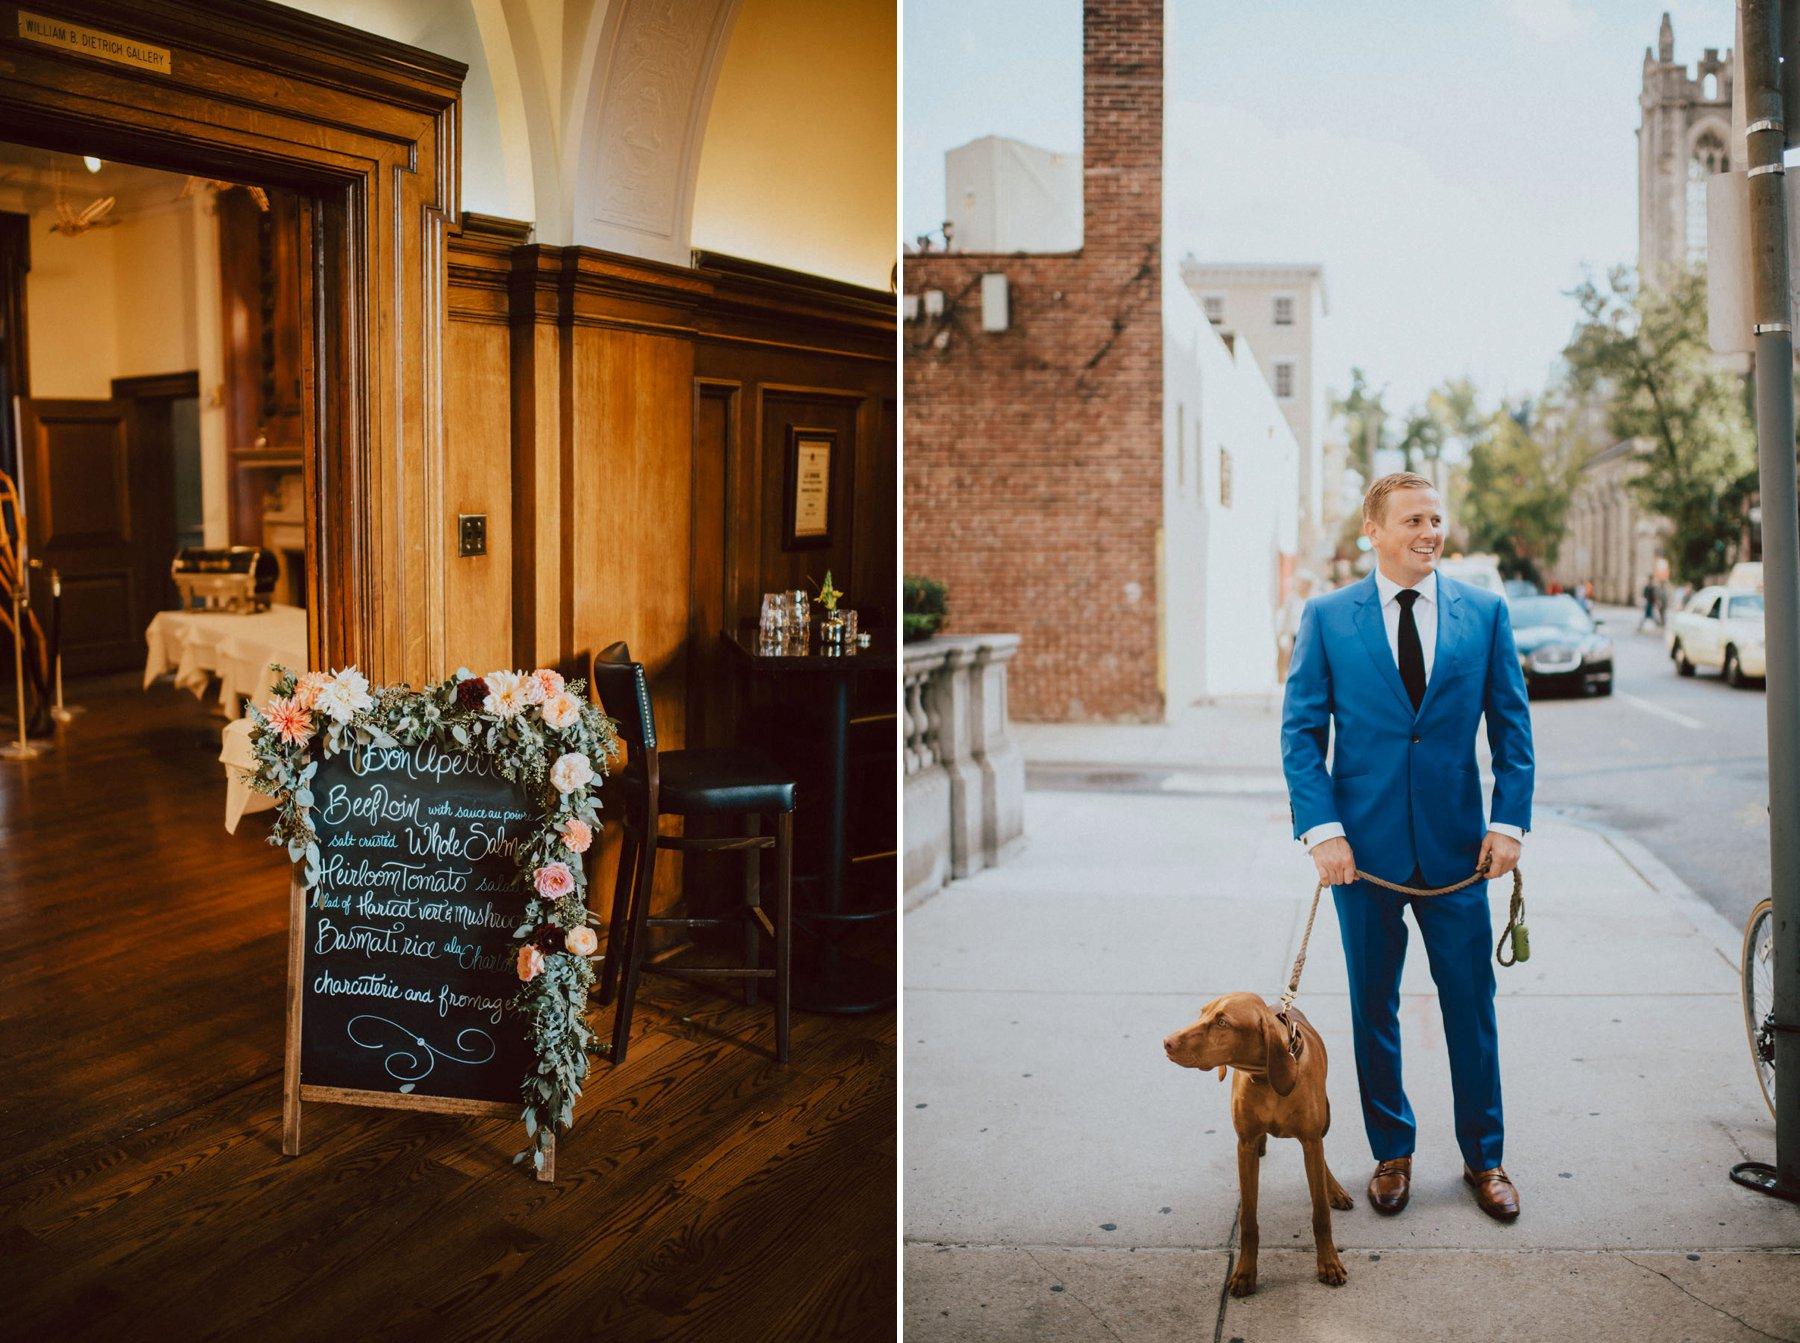 la-cheri-philadelphia-wedding-1.jpg